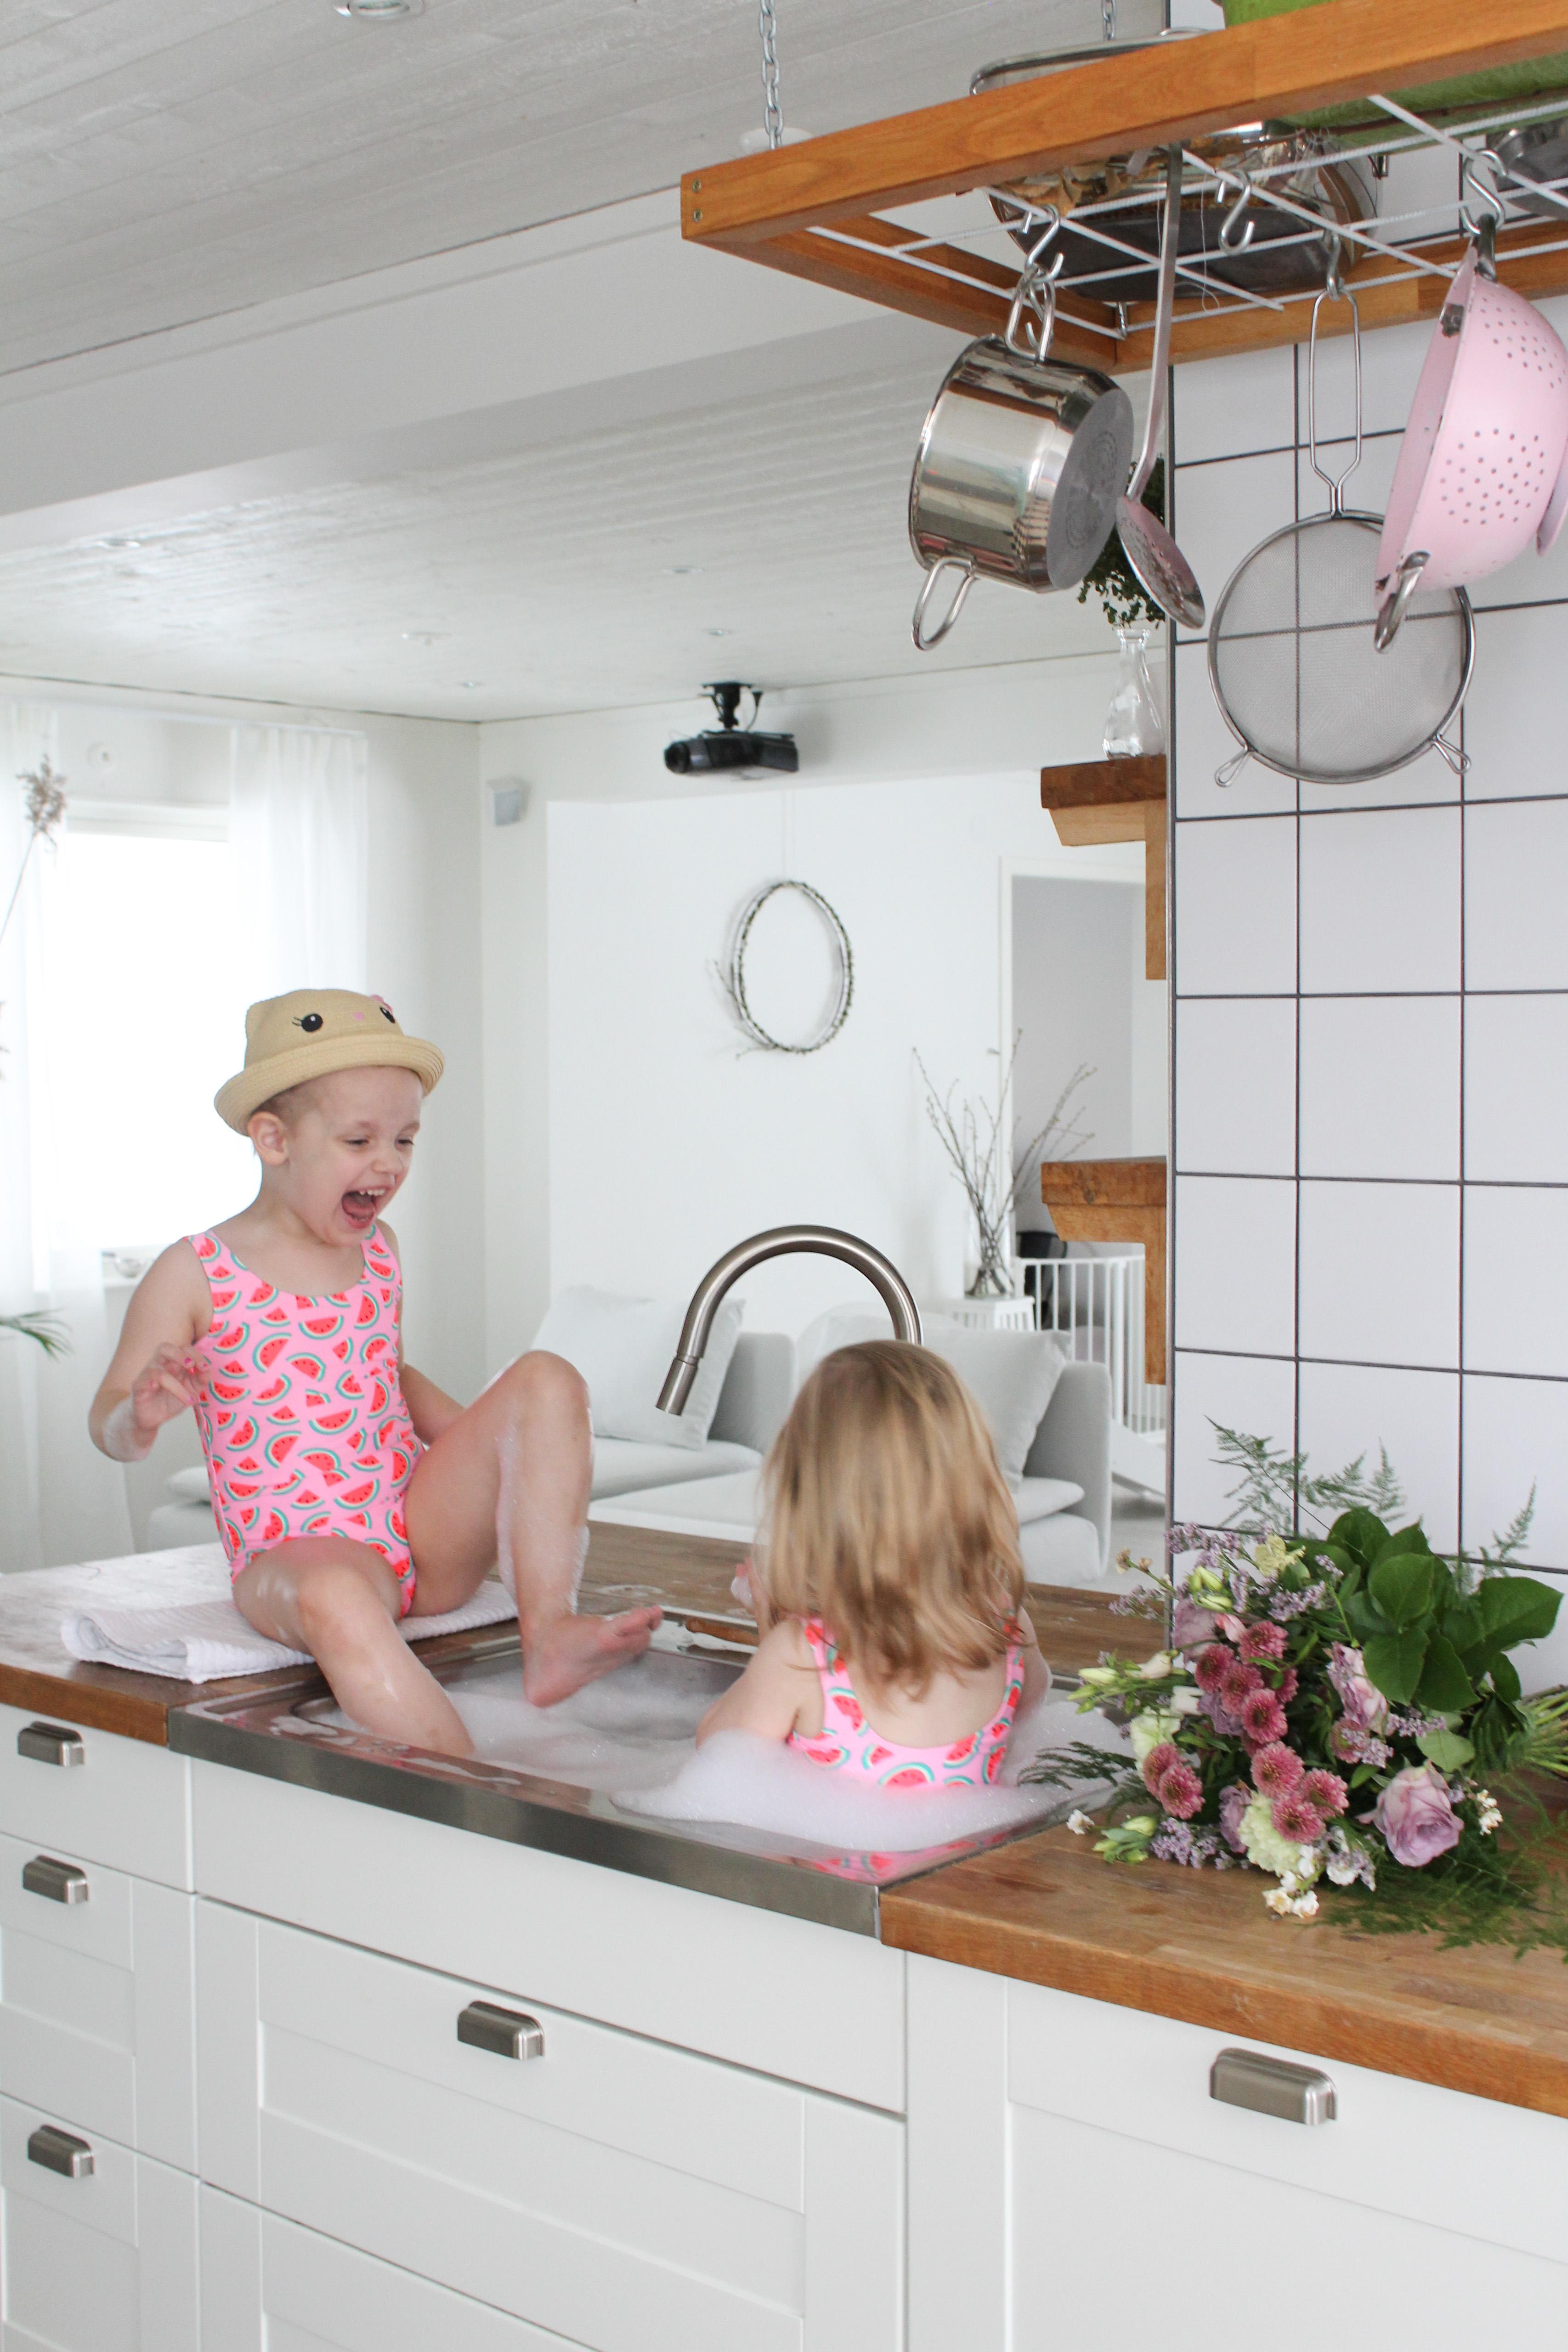 Påskbad i köket och veckans planer